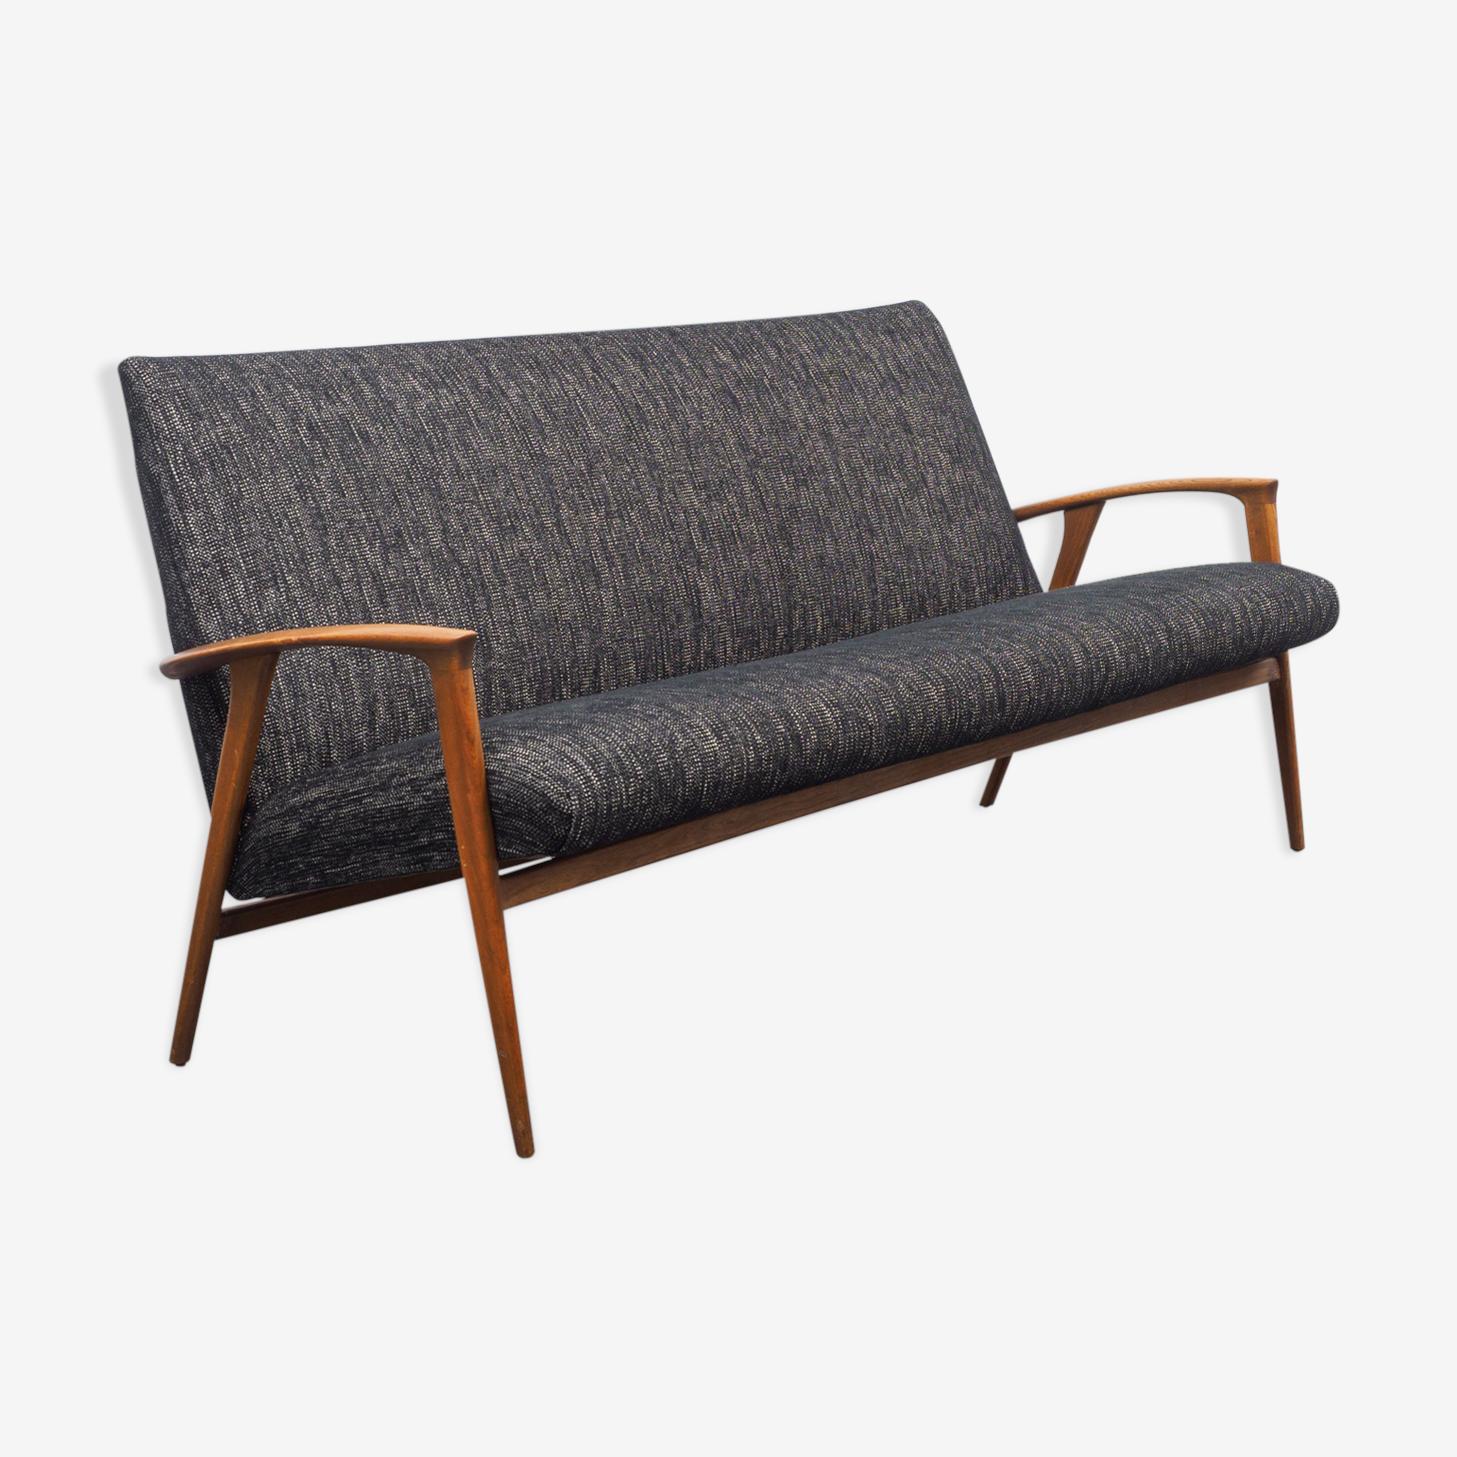 Canapé style scandinave, refait à neuf